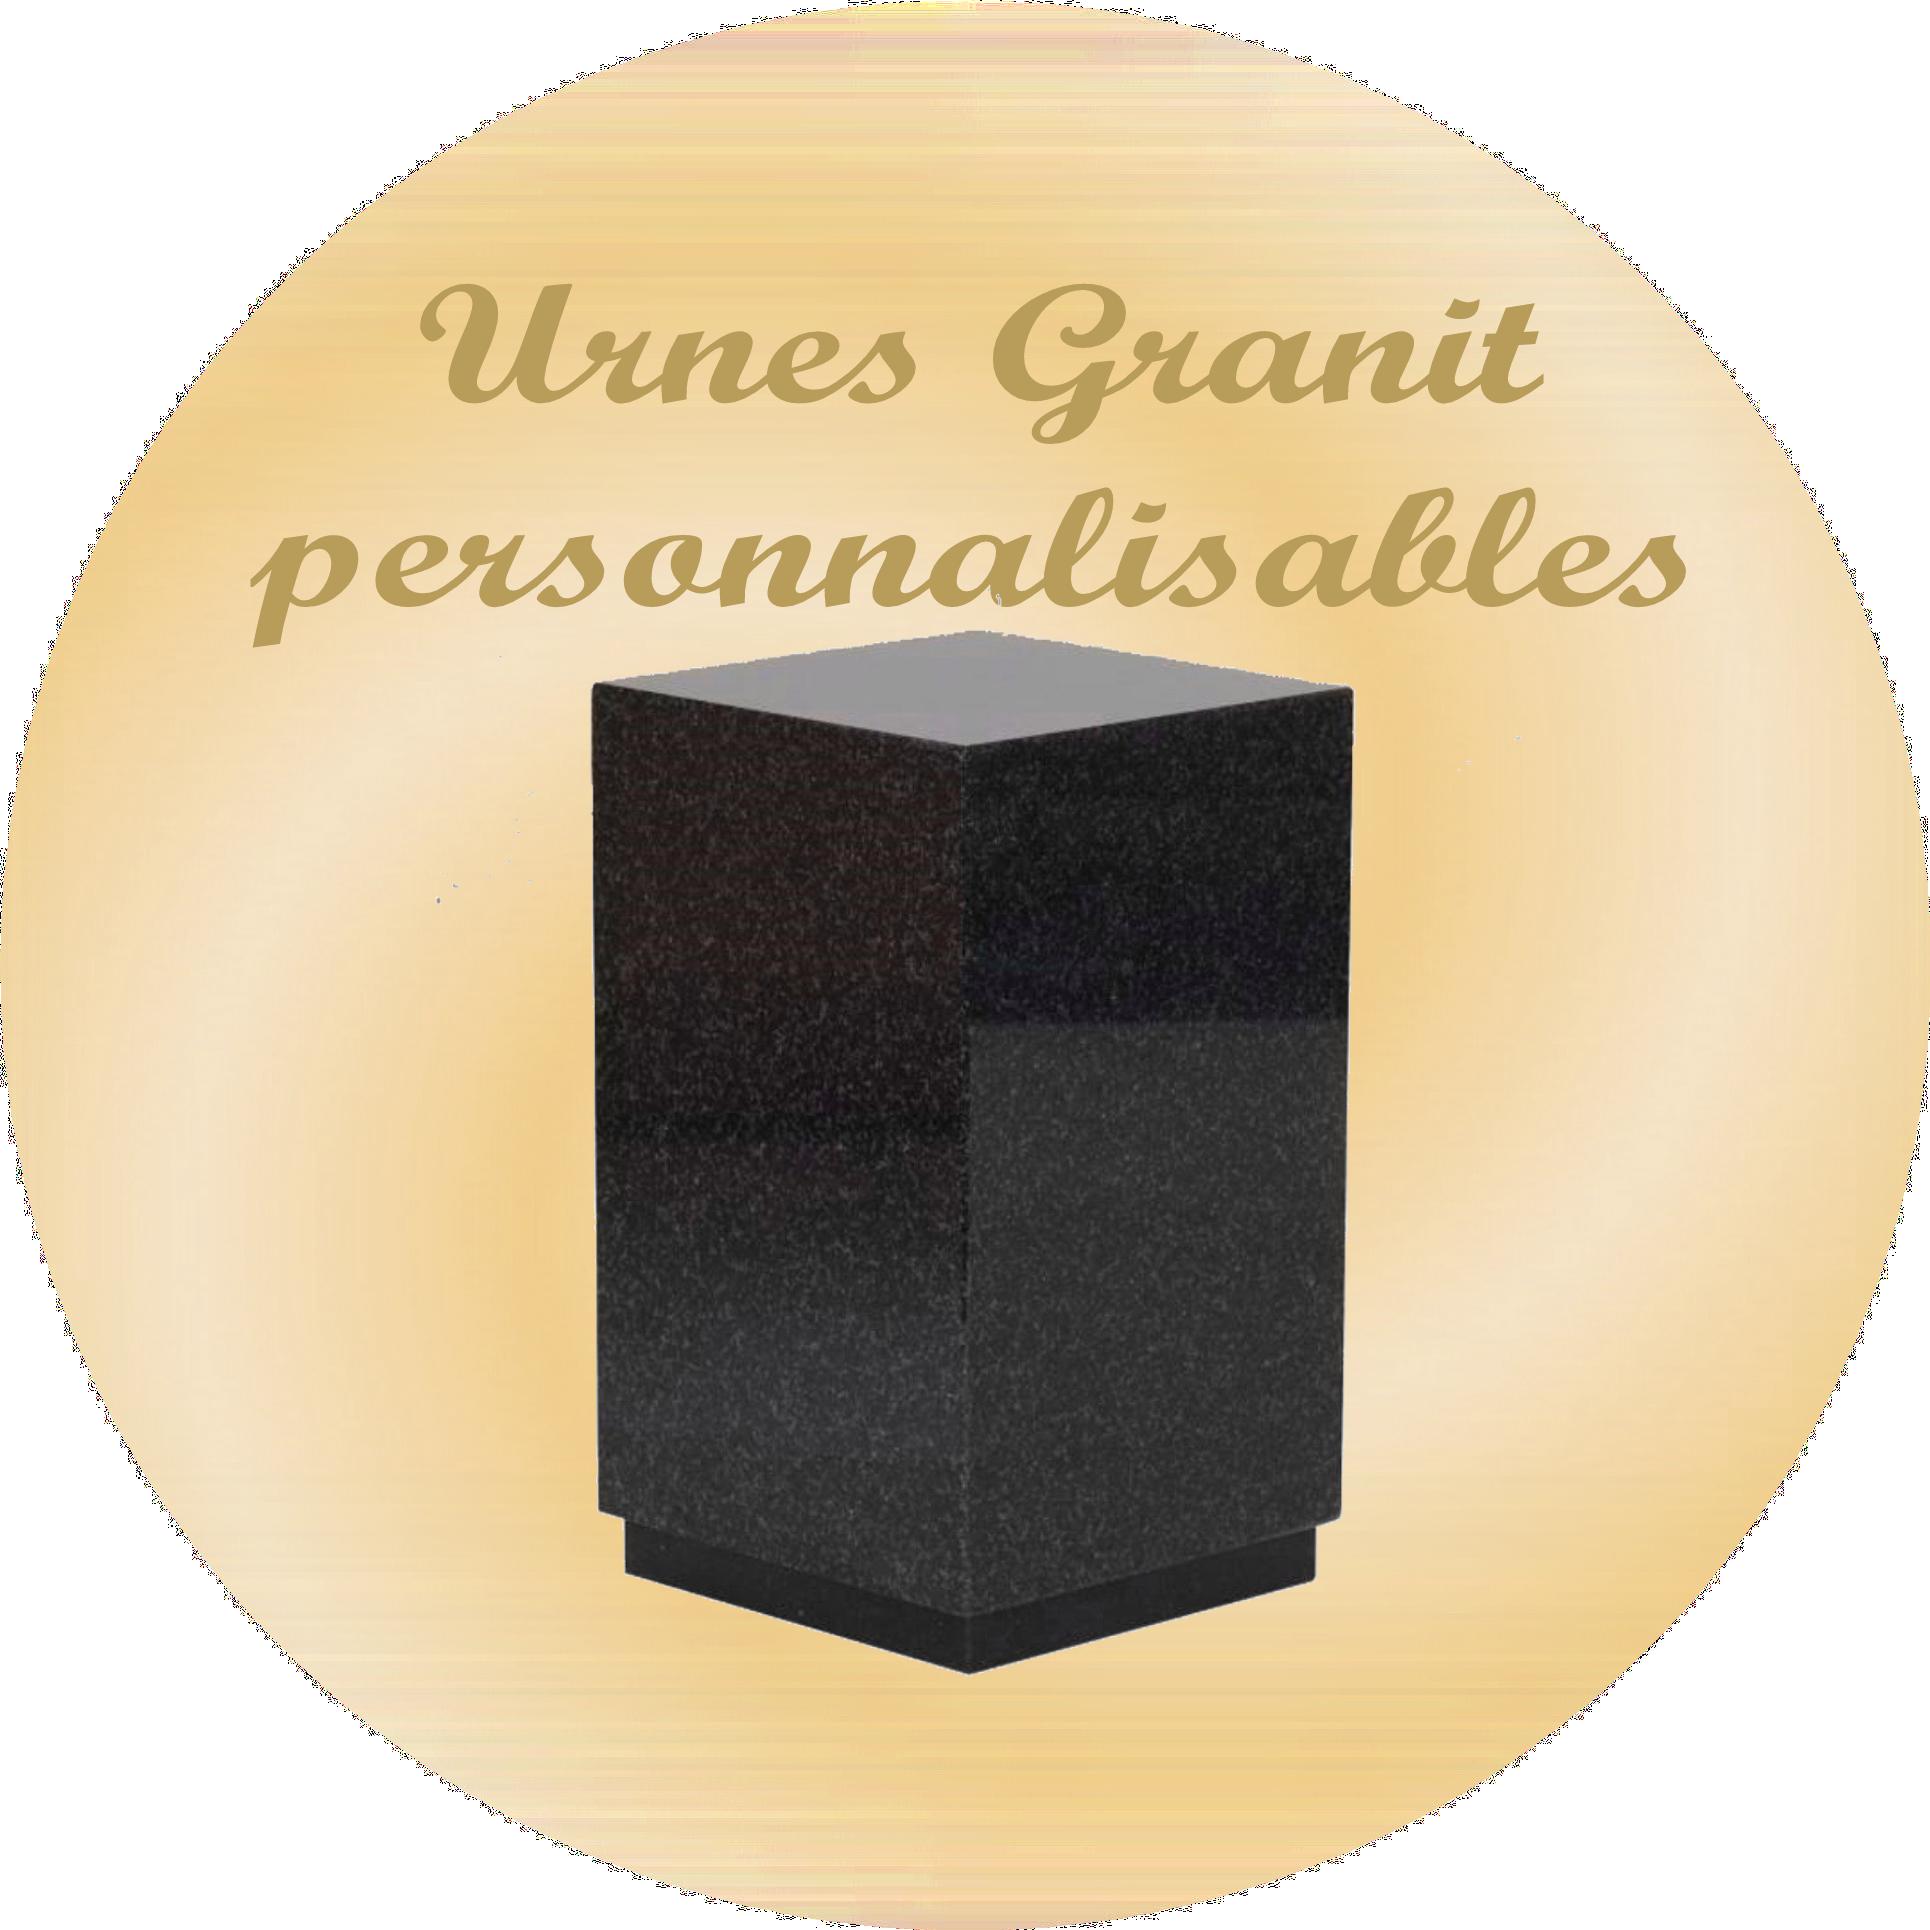 urnes funeraires en granit personnalisable avec texte gravé